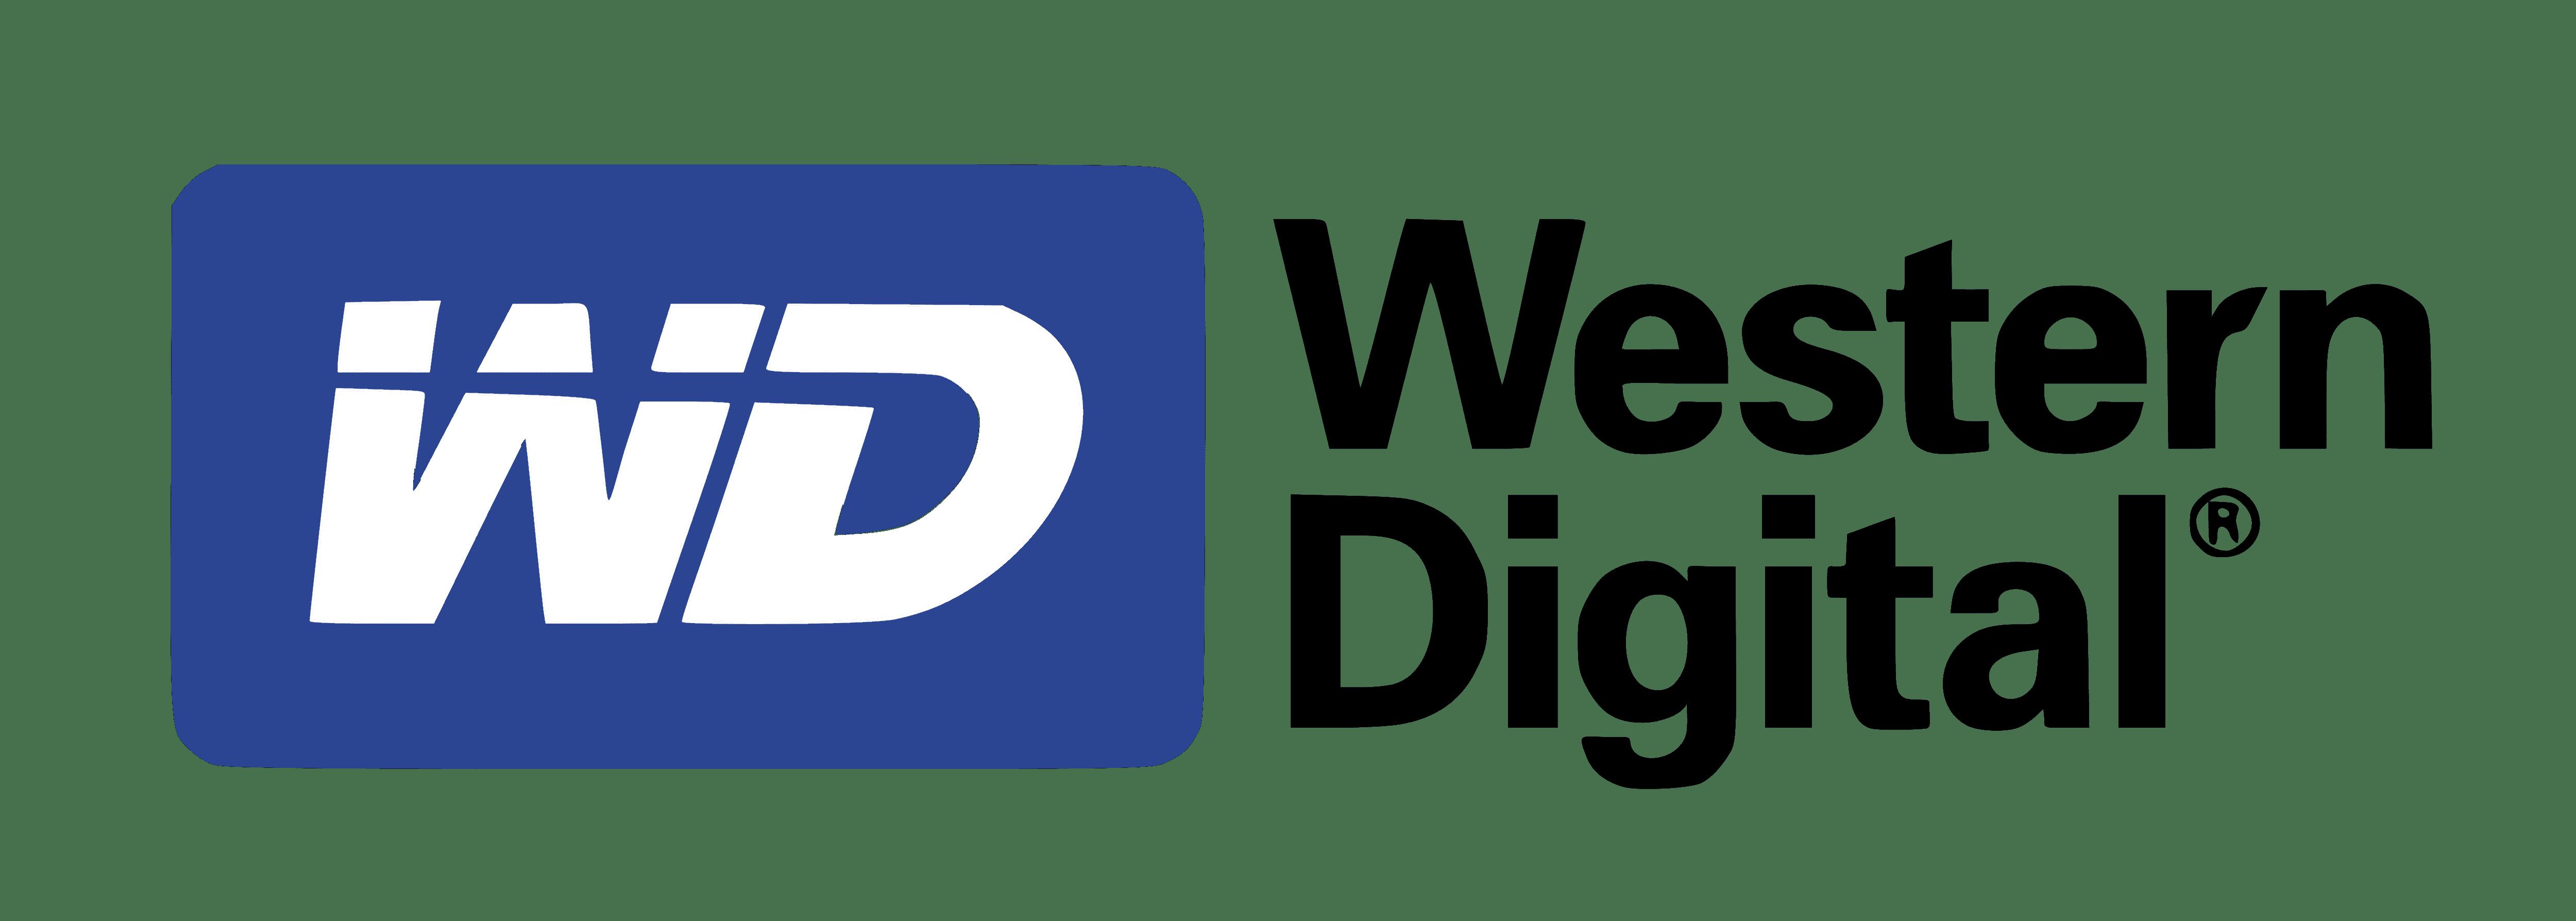 Western Digital Black Friday Sale